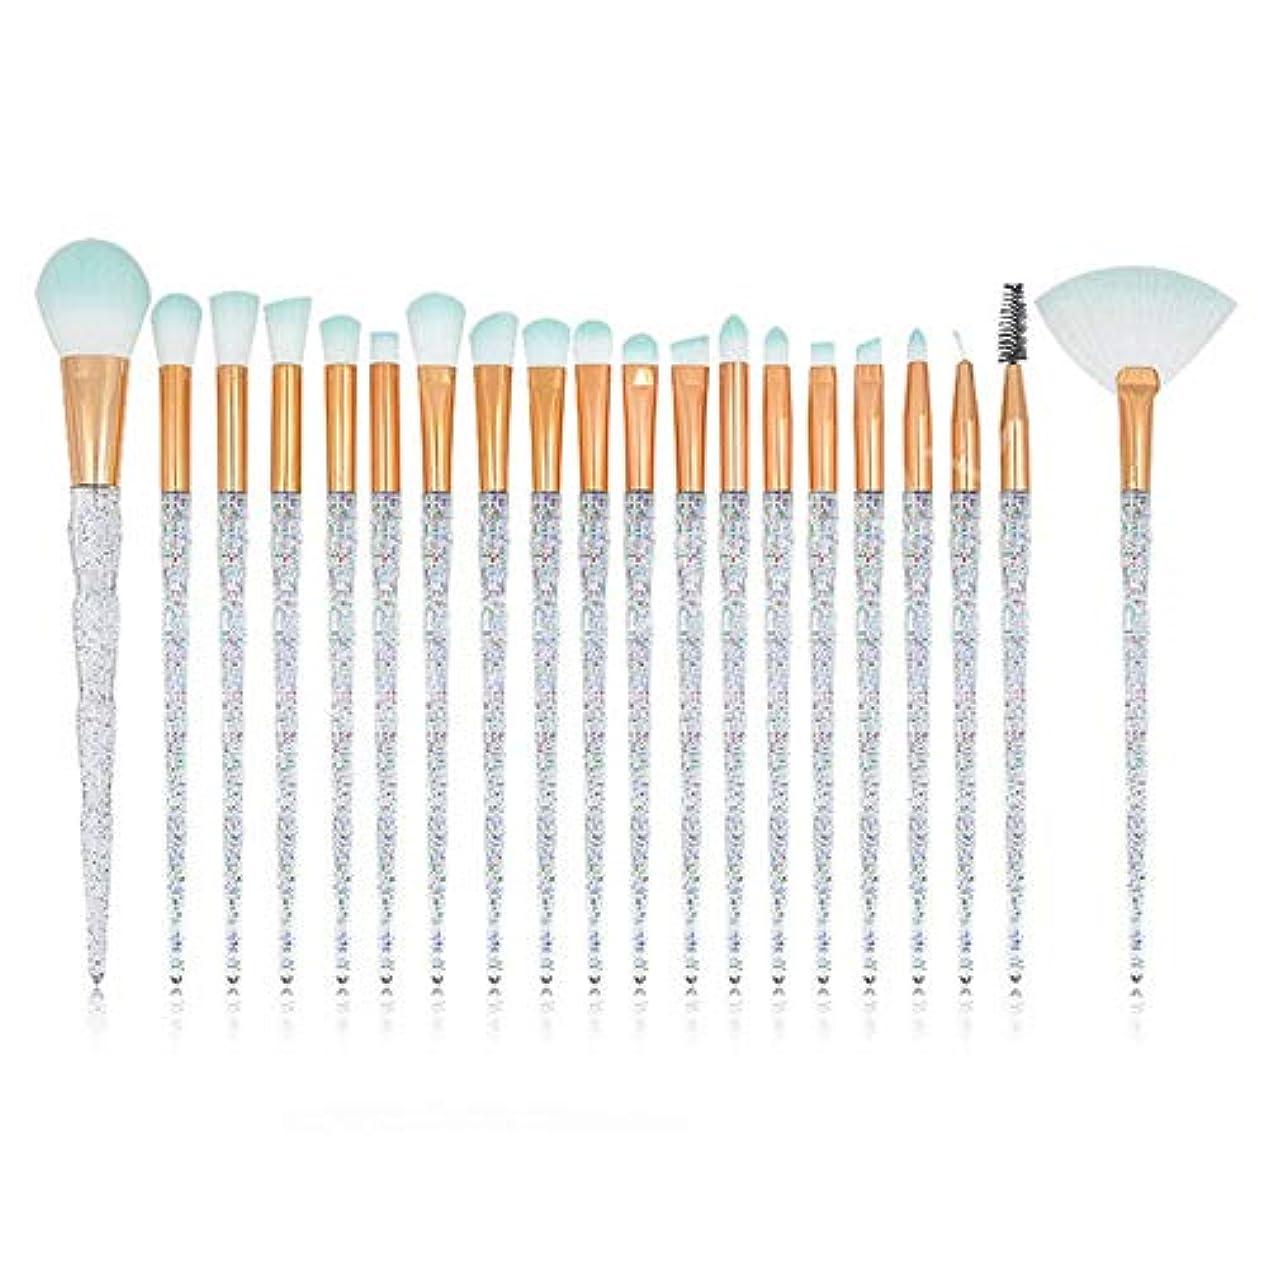 杭ジャム慣性Makeup brushes 20ダイヤモンドメイクブラシセットファンデーションパウダーブラッシュアイシャドウリップブラシ盛り合わせメイクメイク suits (Color : Glitter)